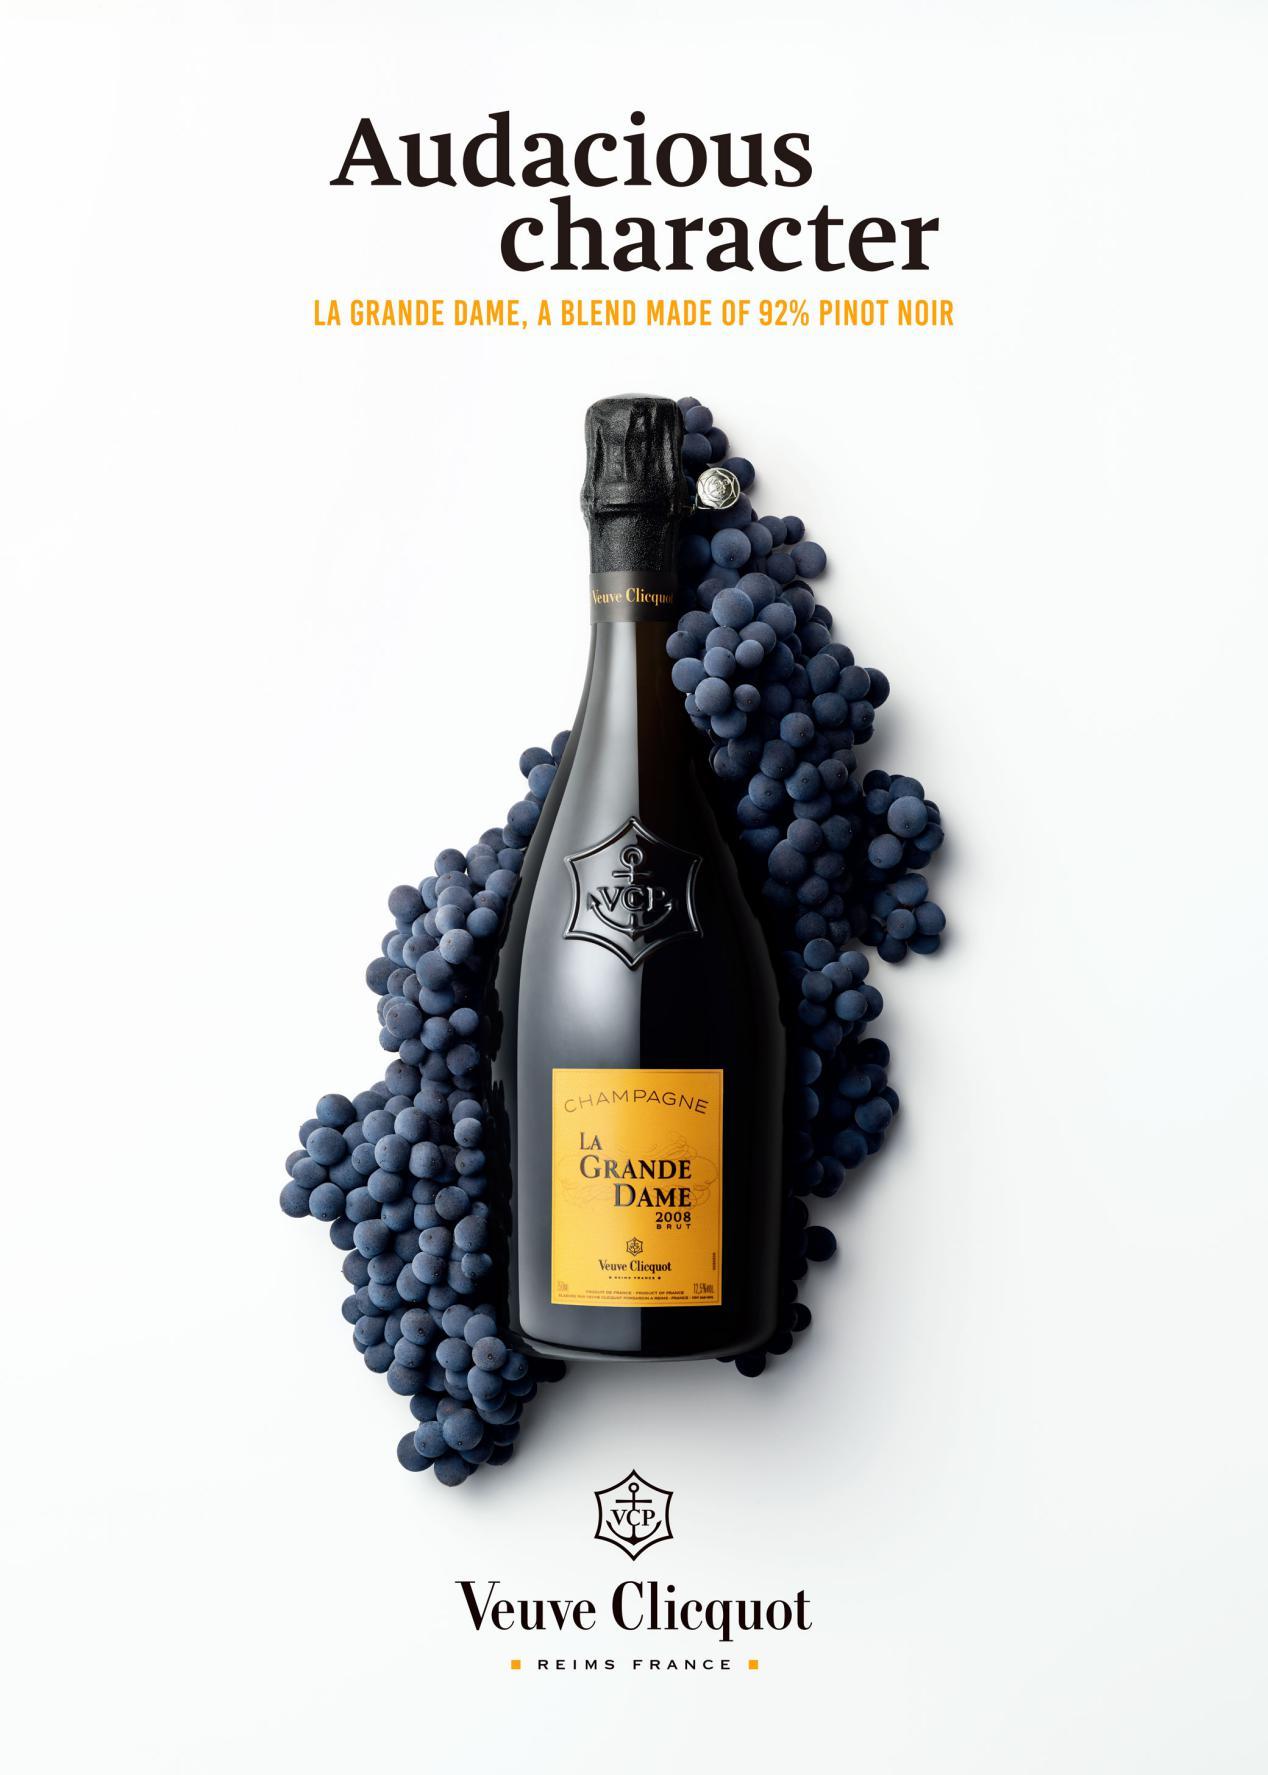 大胆演绎黑皮诺的果敢优雅 凯歌贵妇香槟2008年份发布